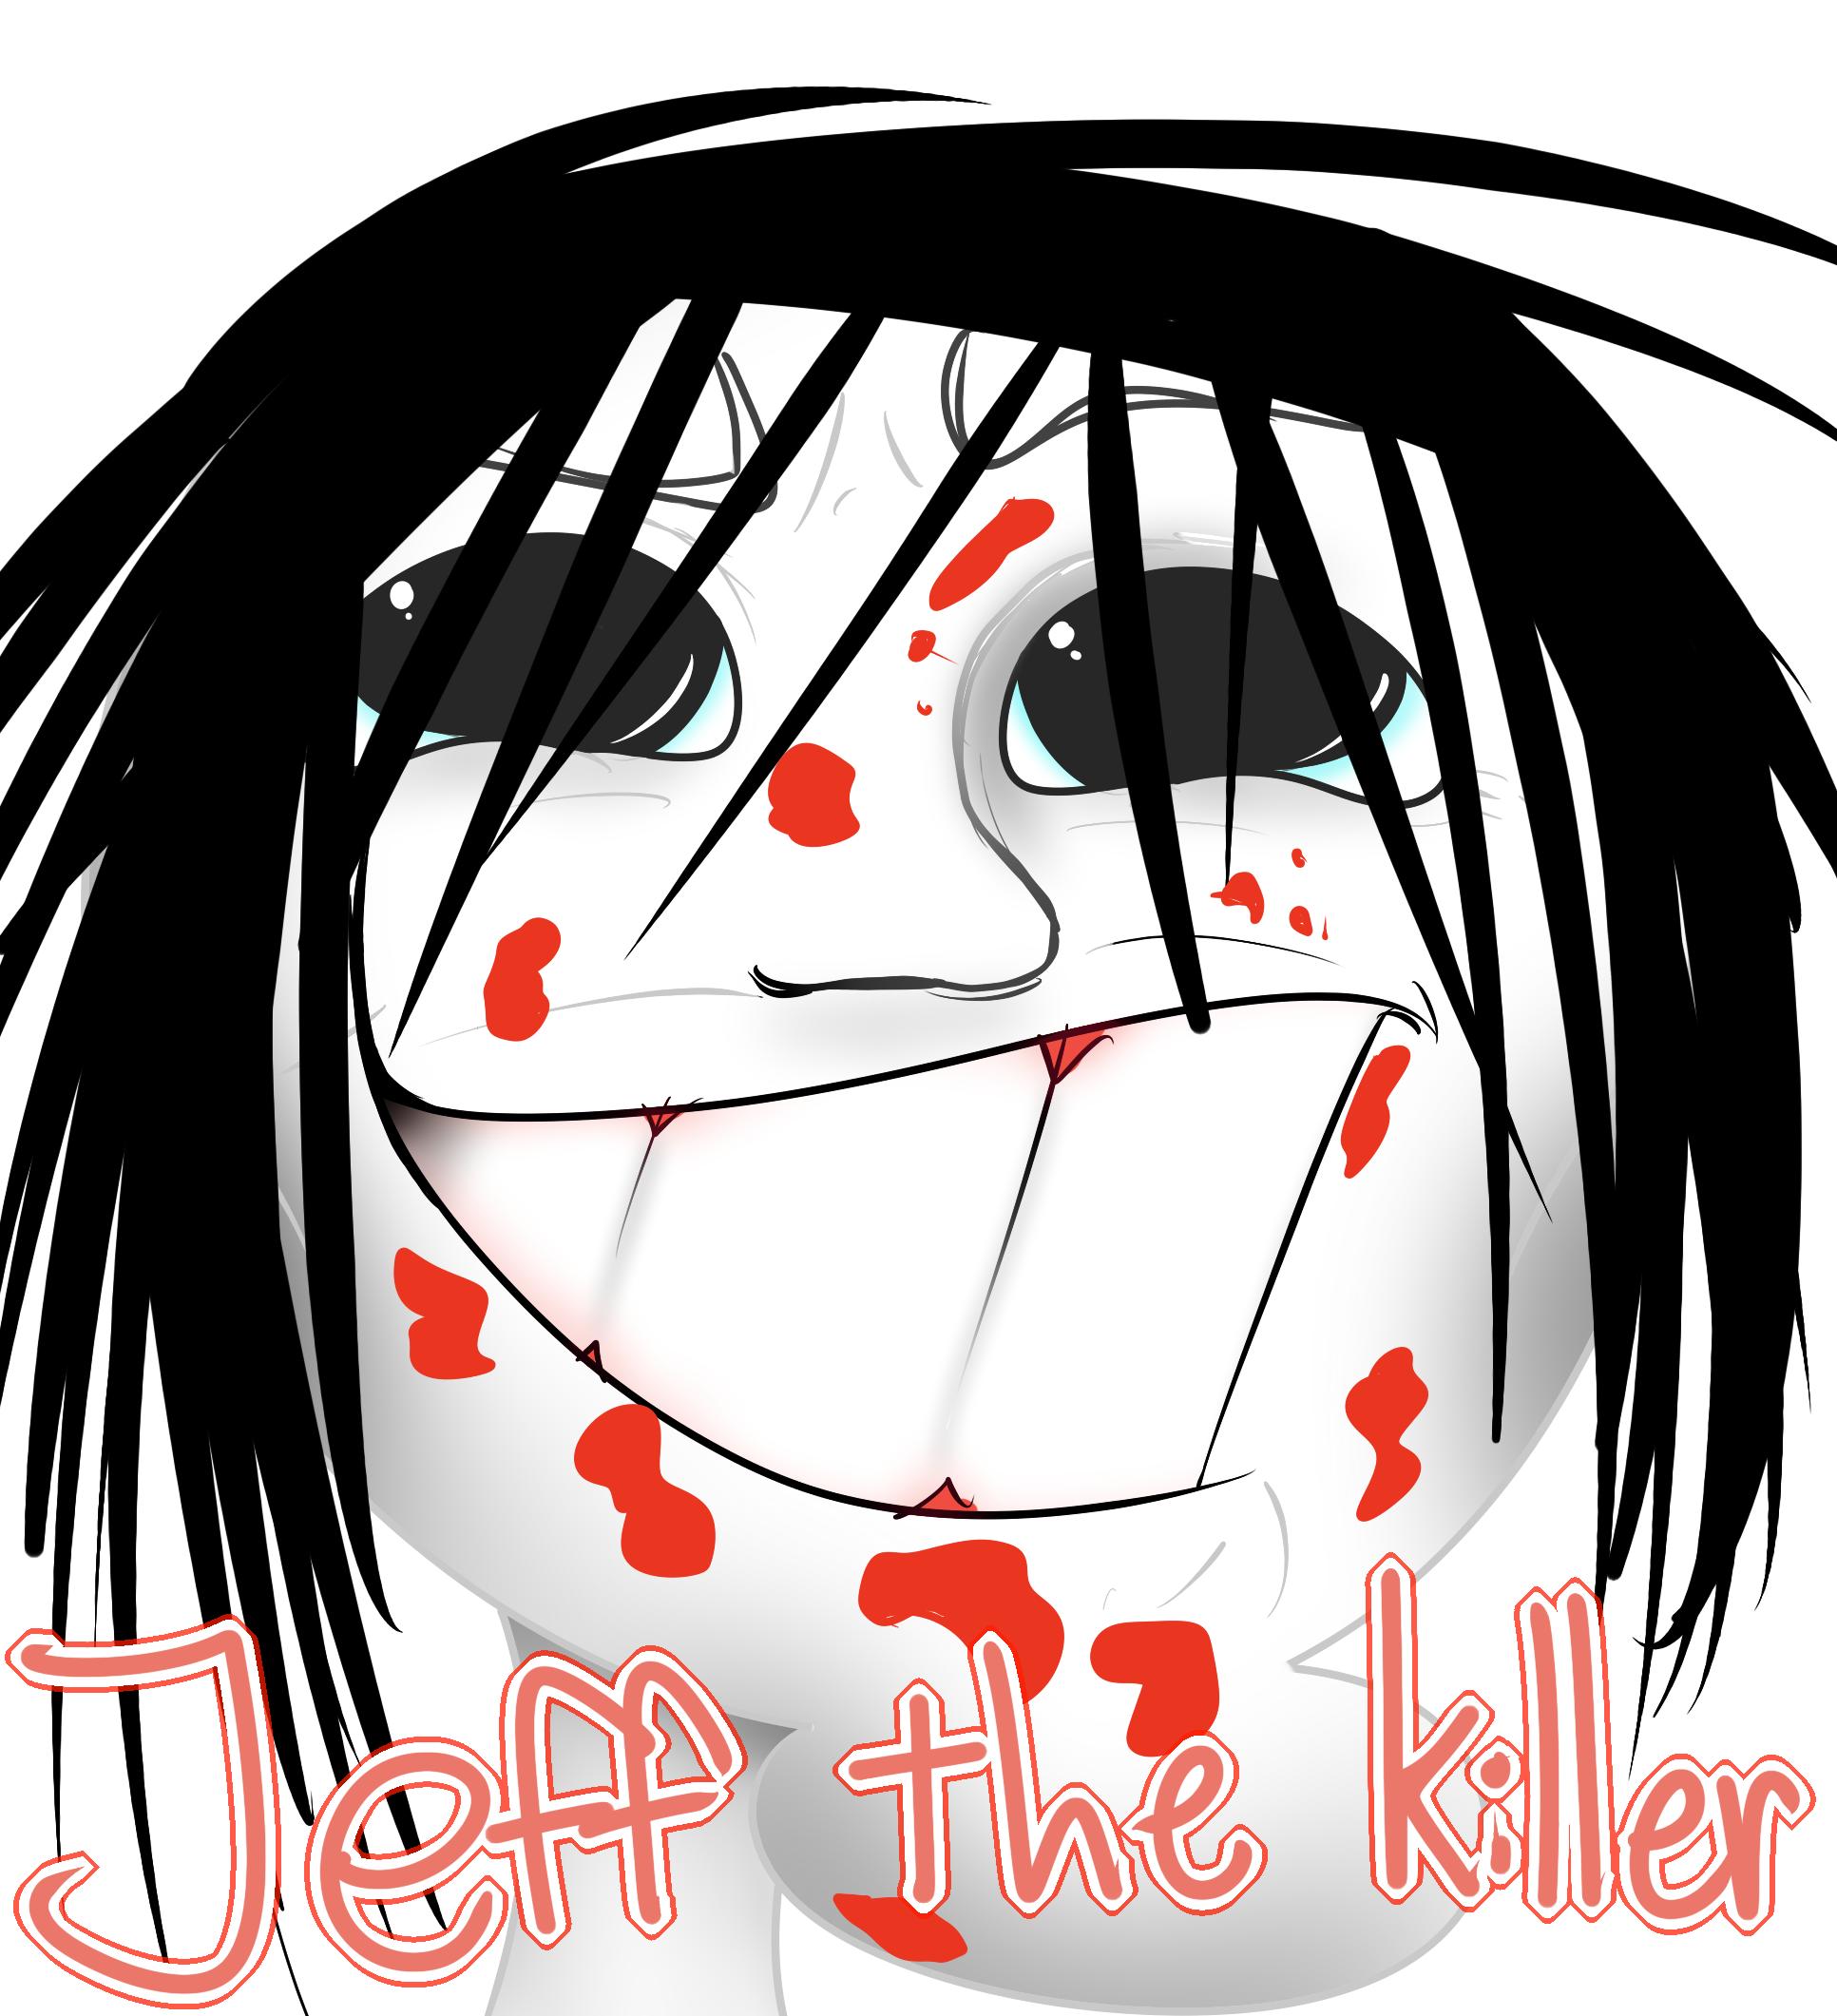 Tardy Jeff the Killer